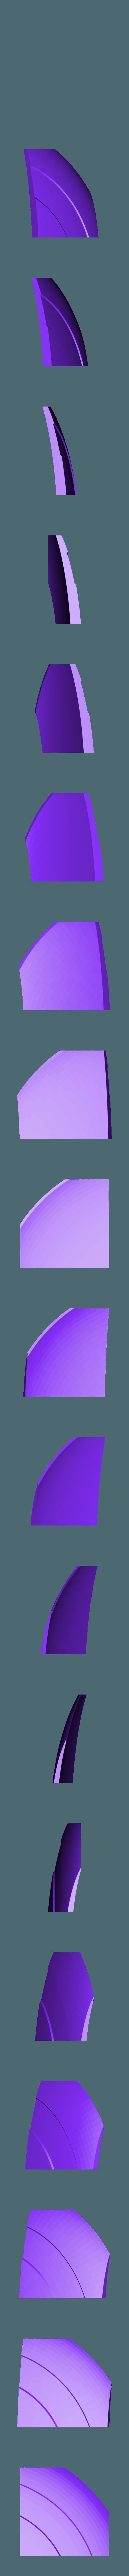 7.STL Télécharger fichier STL gratuit Bouclier du capitaine amérique (Entièrement détaillé) • Design pour imprimante 3D, Absolute3D